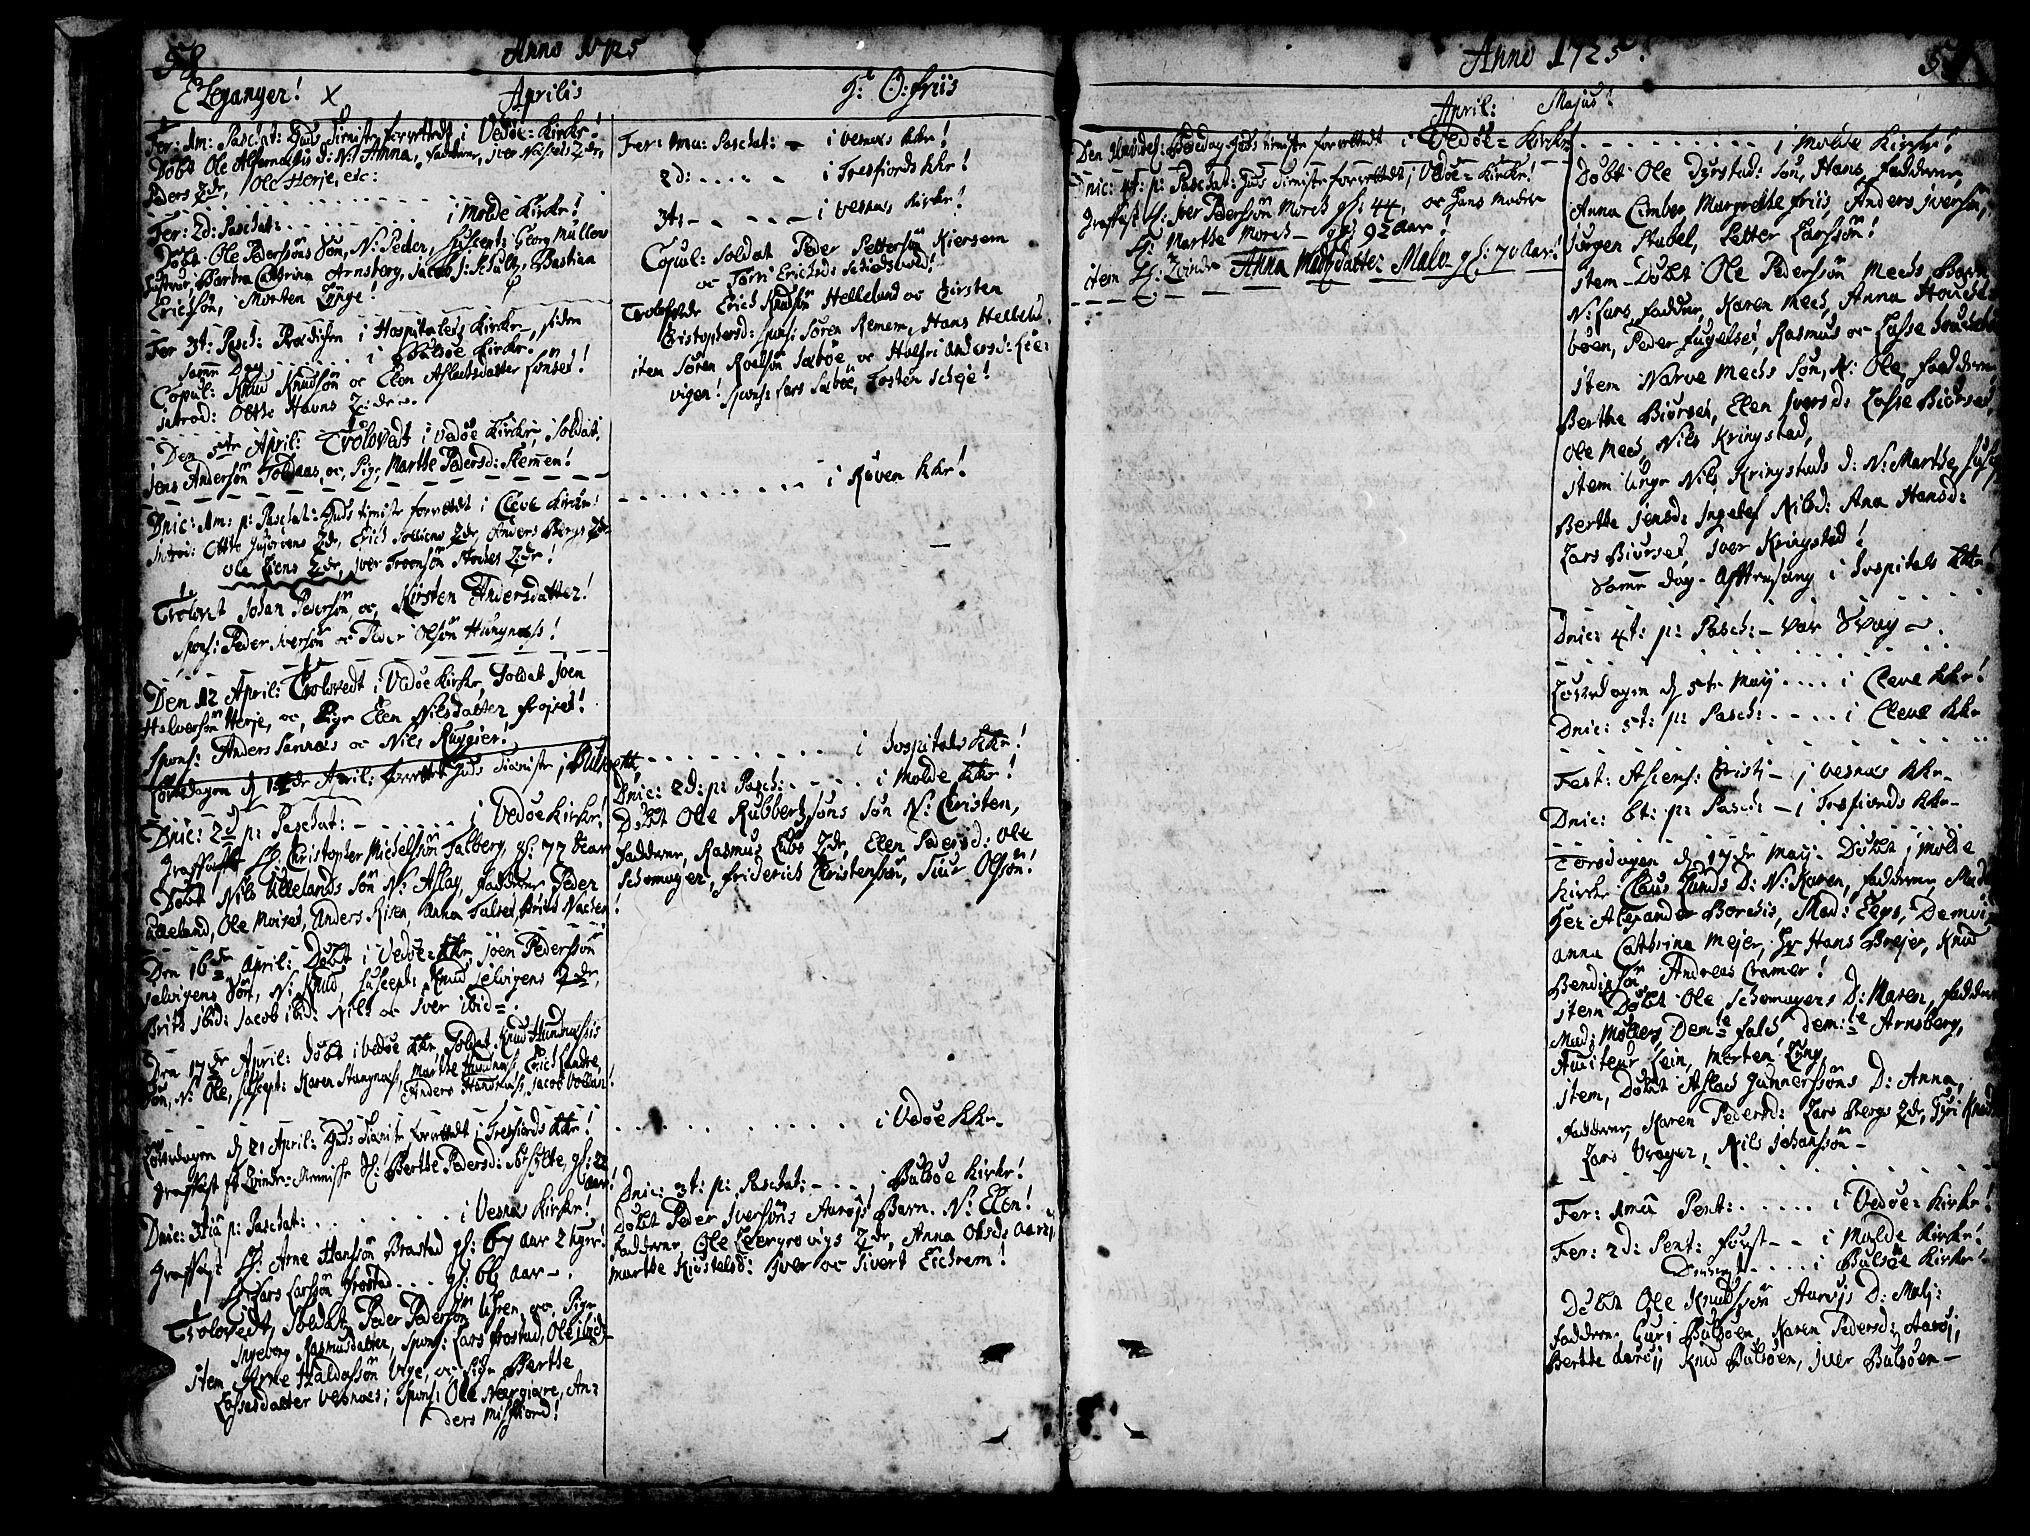 SAT, Ministerialprotokoller, klokkerbøker og fødselsregistre - Møre og Romsdal, 547/L0599: Ministerialbok nr. 547A01, 1721-1764, s. 60-61